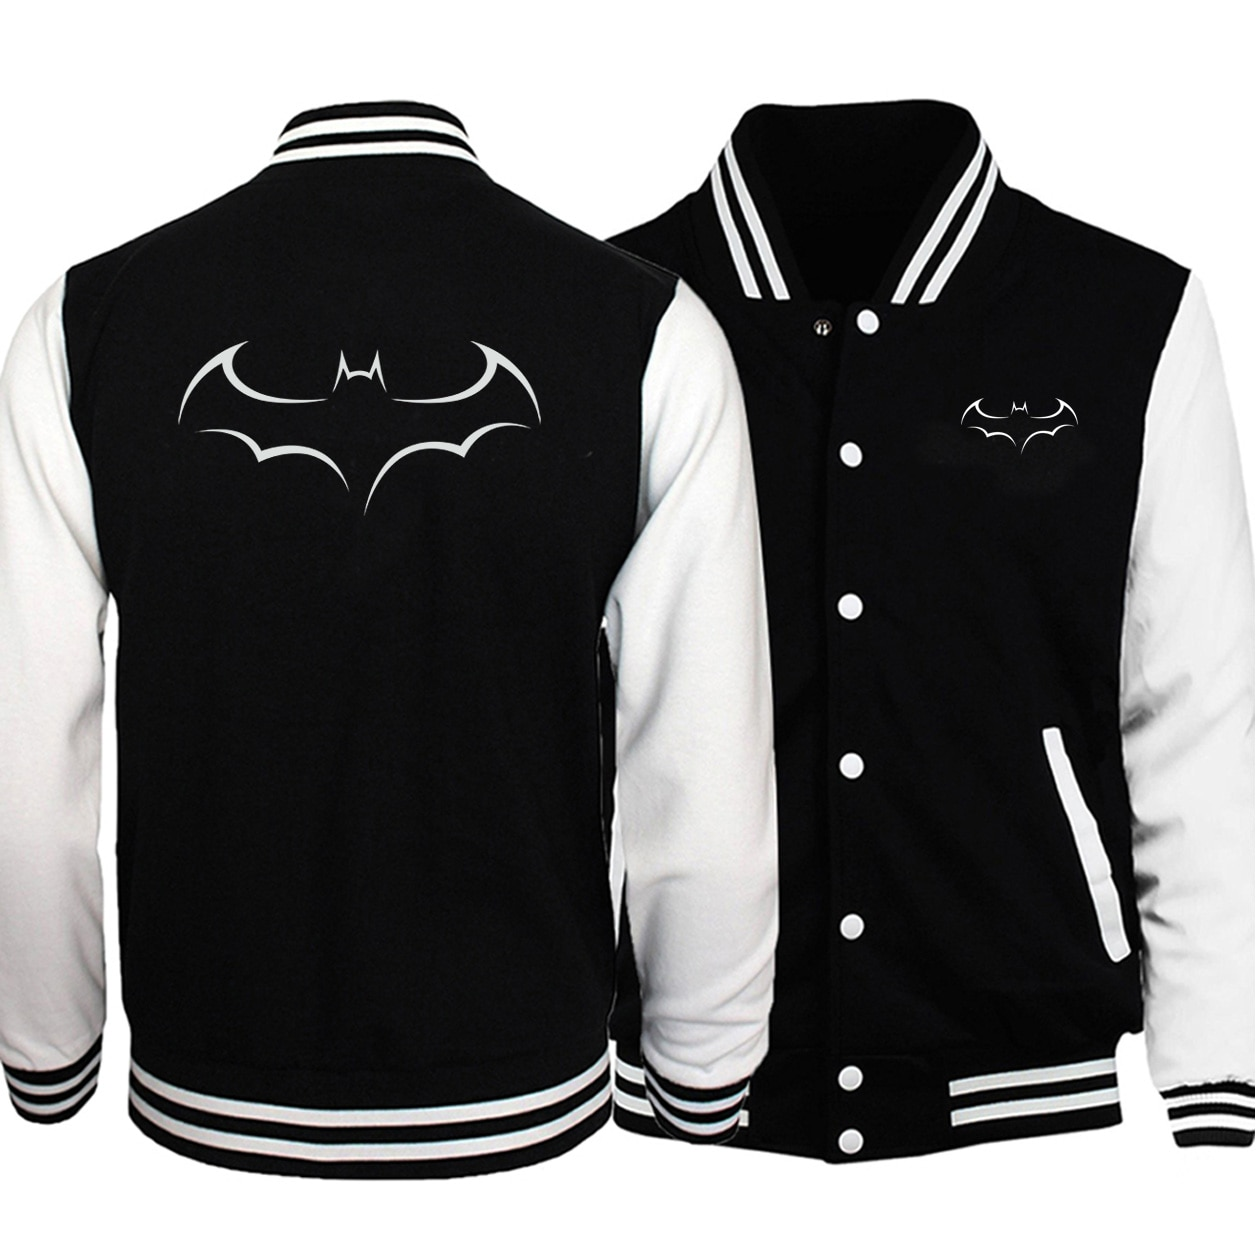 Fashion Streetwear Double-side print baseball jackets Men uniform big size fleece sweatshirt fall winter long-sleeved Jackets